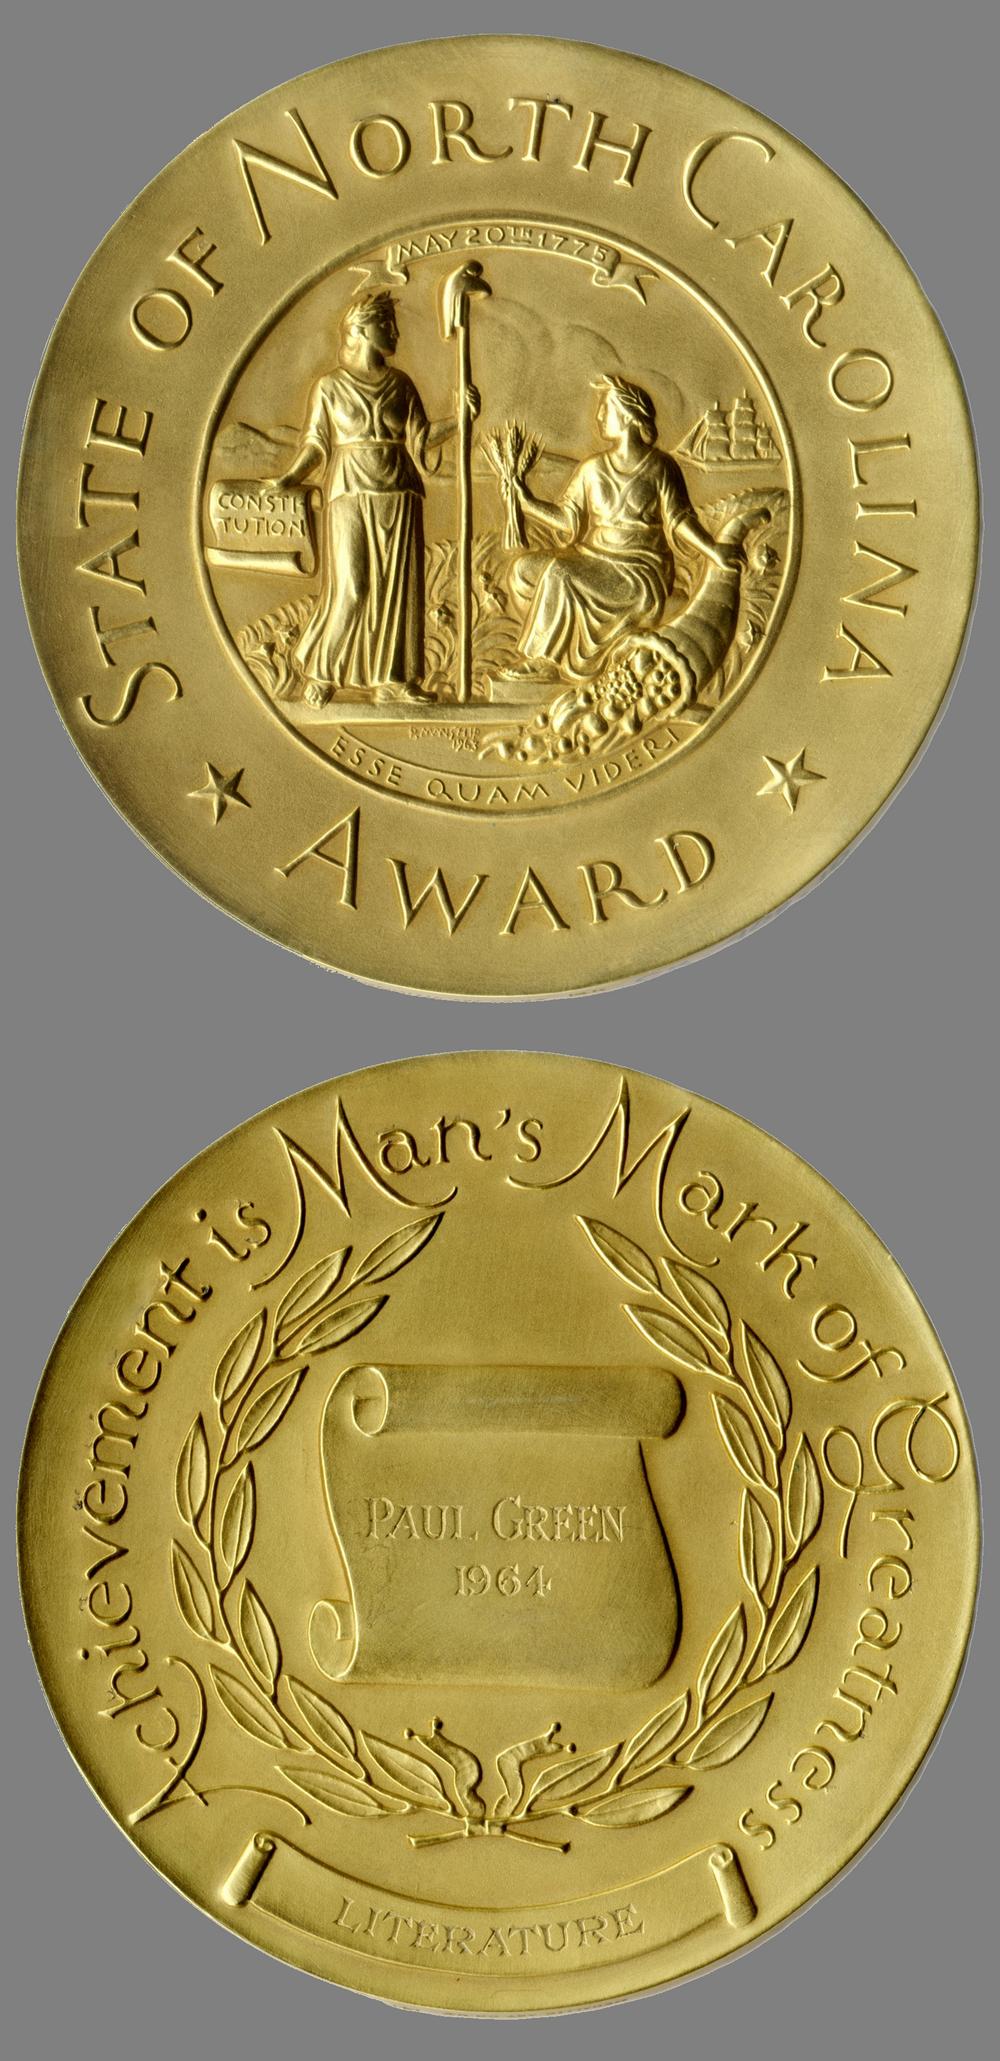 The North Carolina Award medal, to Paul Green, 1964